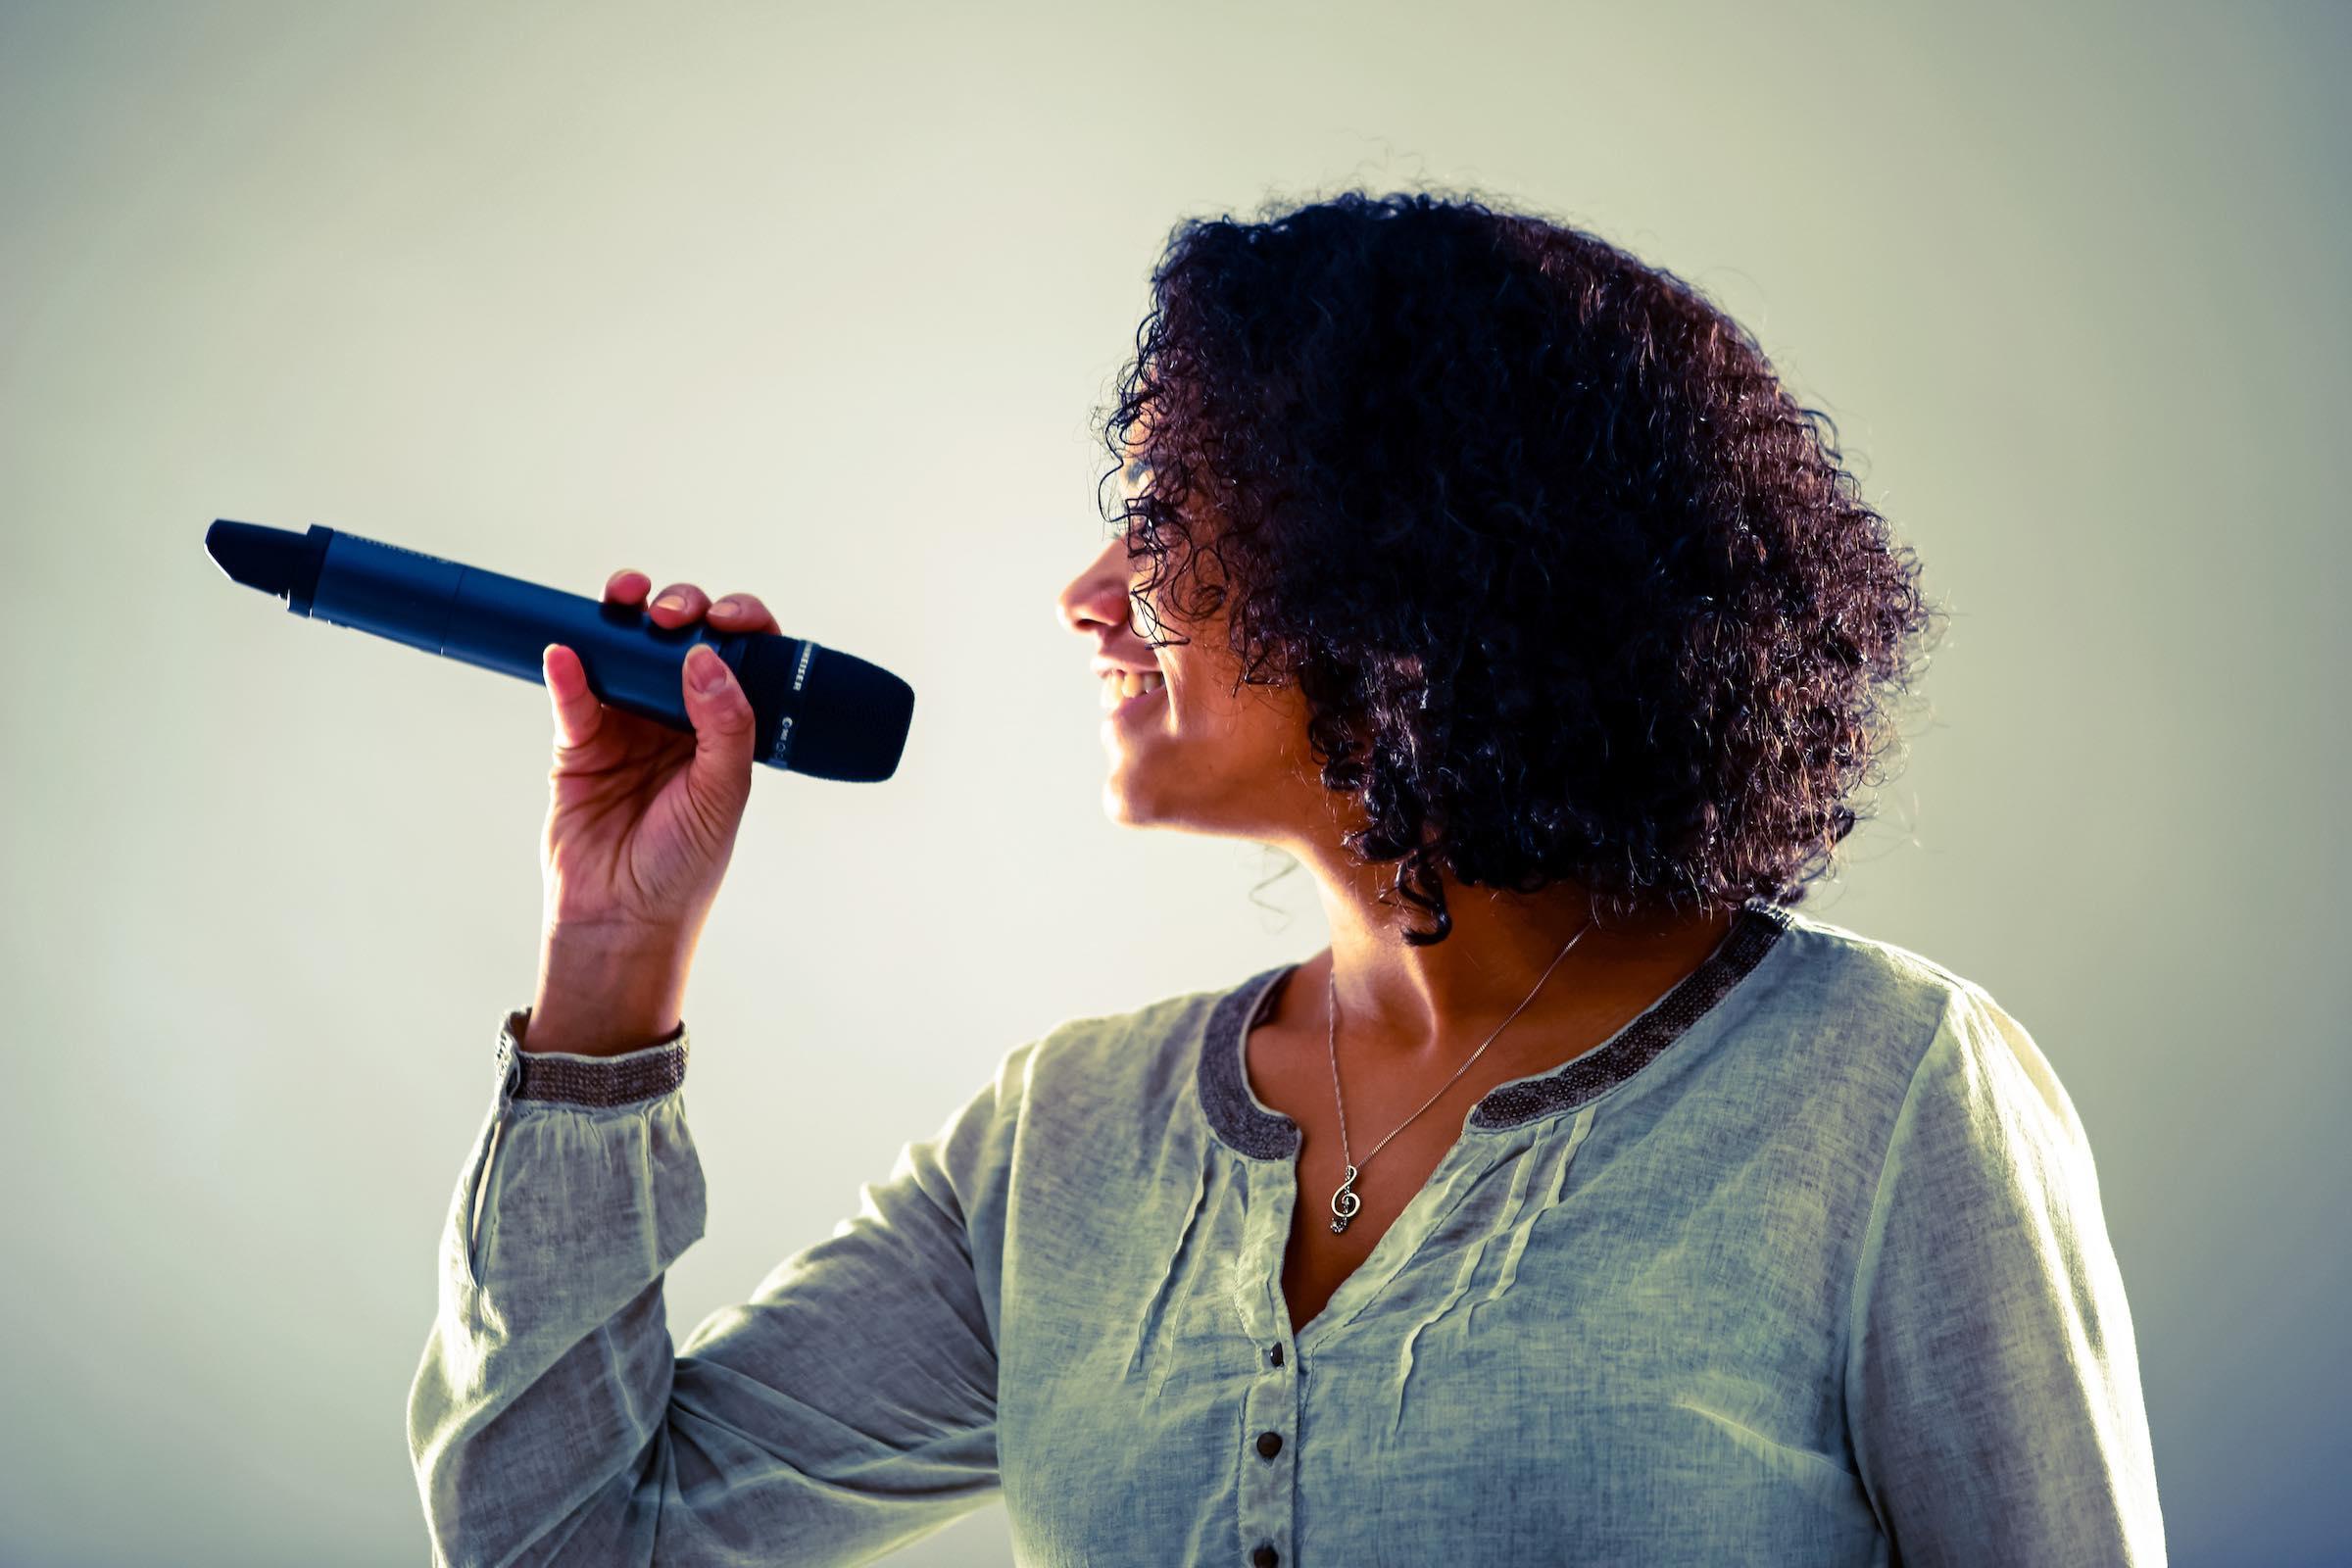 hochzeitssängerin | Hannover | Sängerin | Trauung | Sängerin | Hochzeit | Sängerin | Trauung | Sängerin | Kirche | Buchen | Mieten | Anfragen | Nathalie | Chérestal | Lehmann | Eventservice